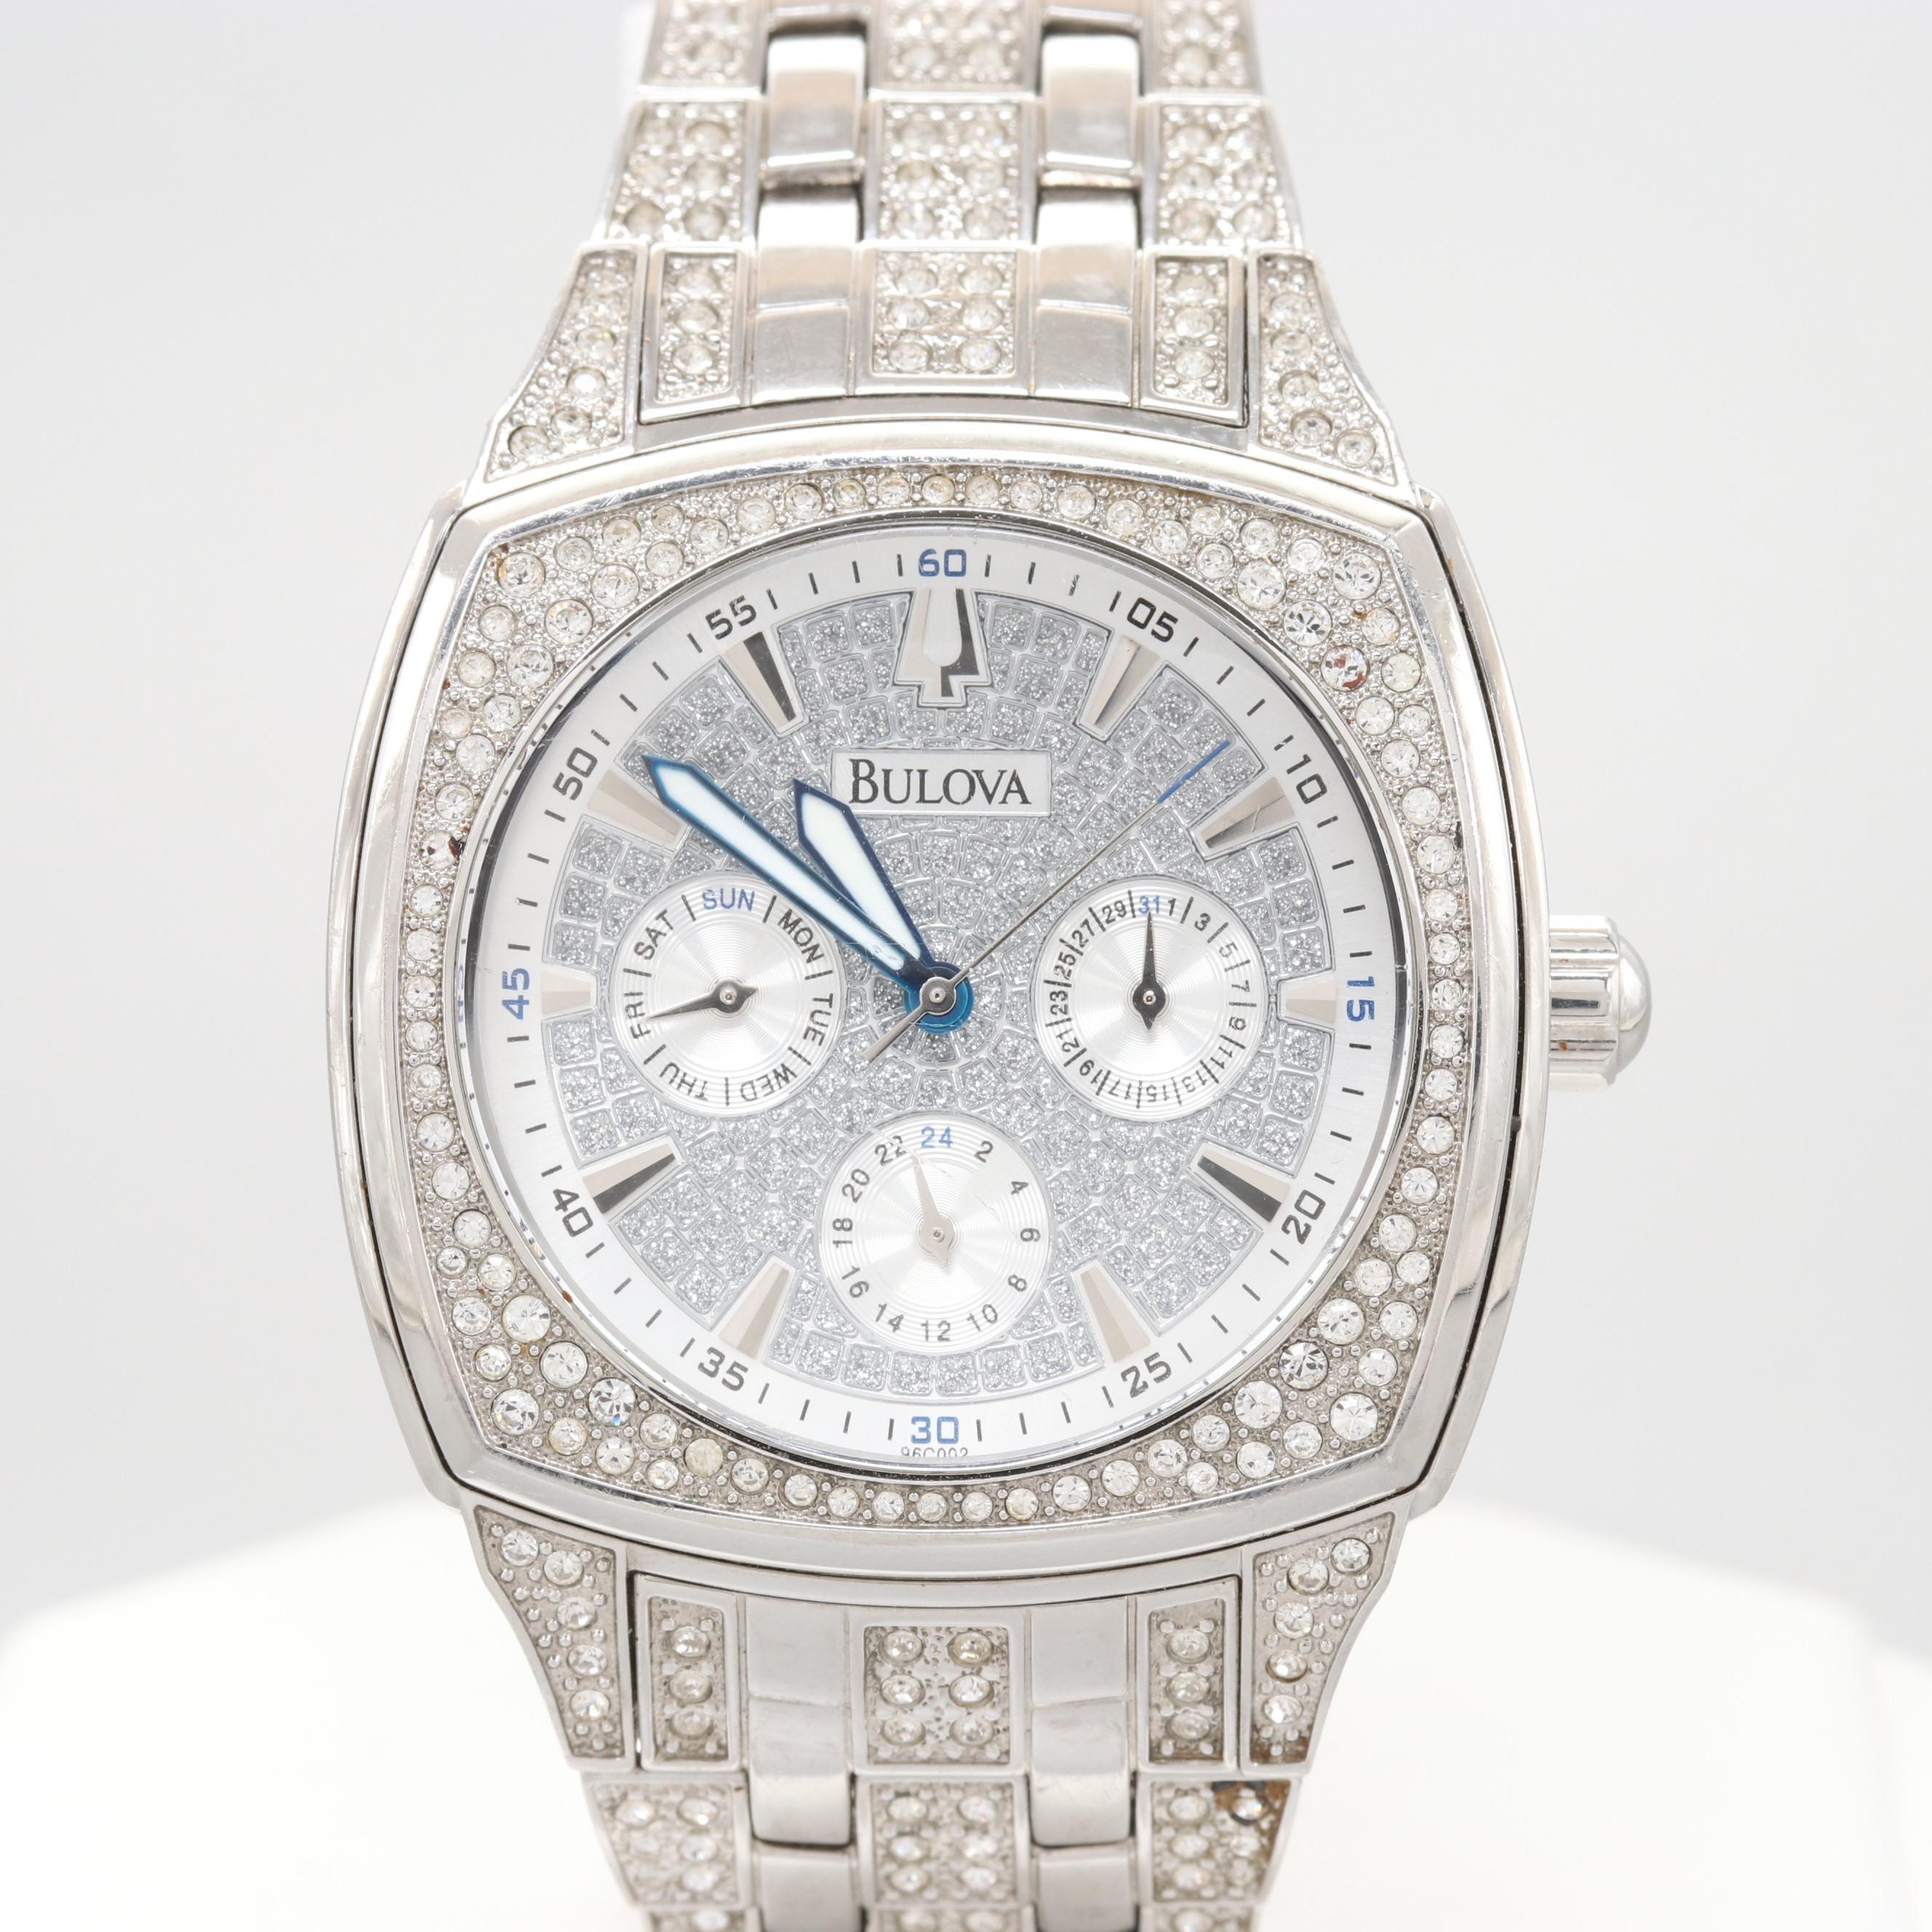 Bulova Stainless Steel Swarovski Crystal Wristwatch